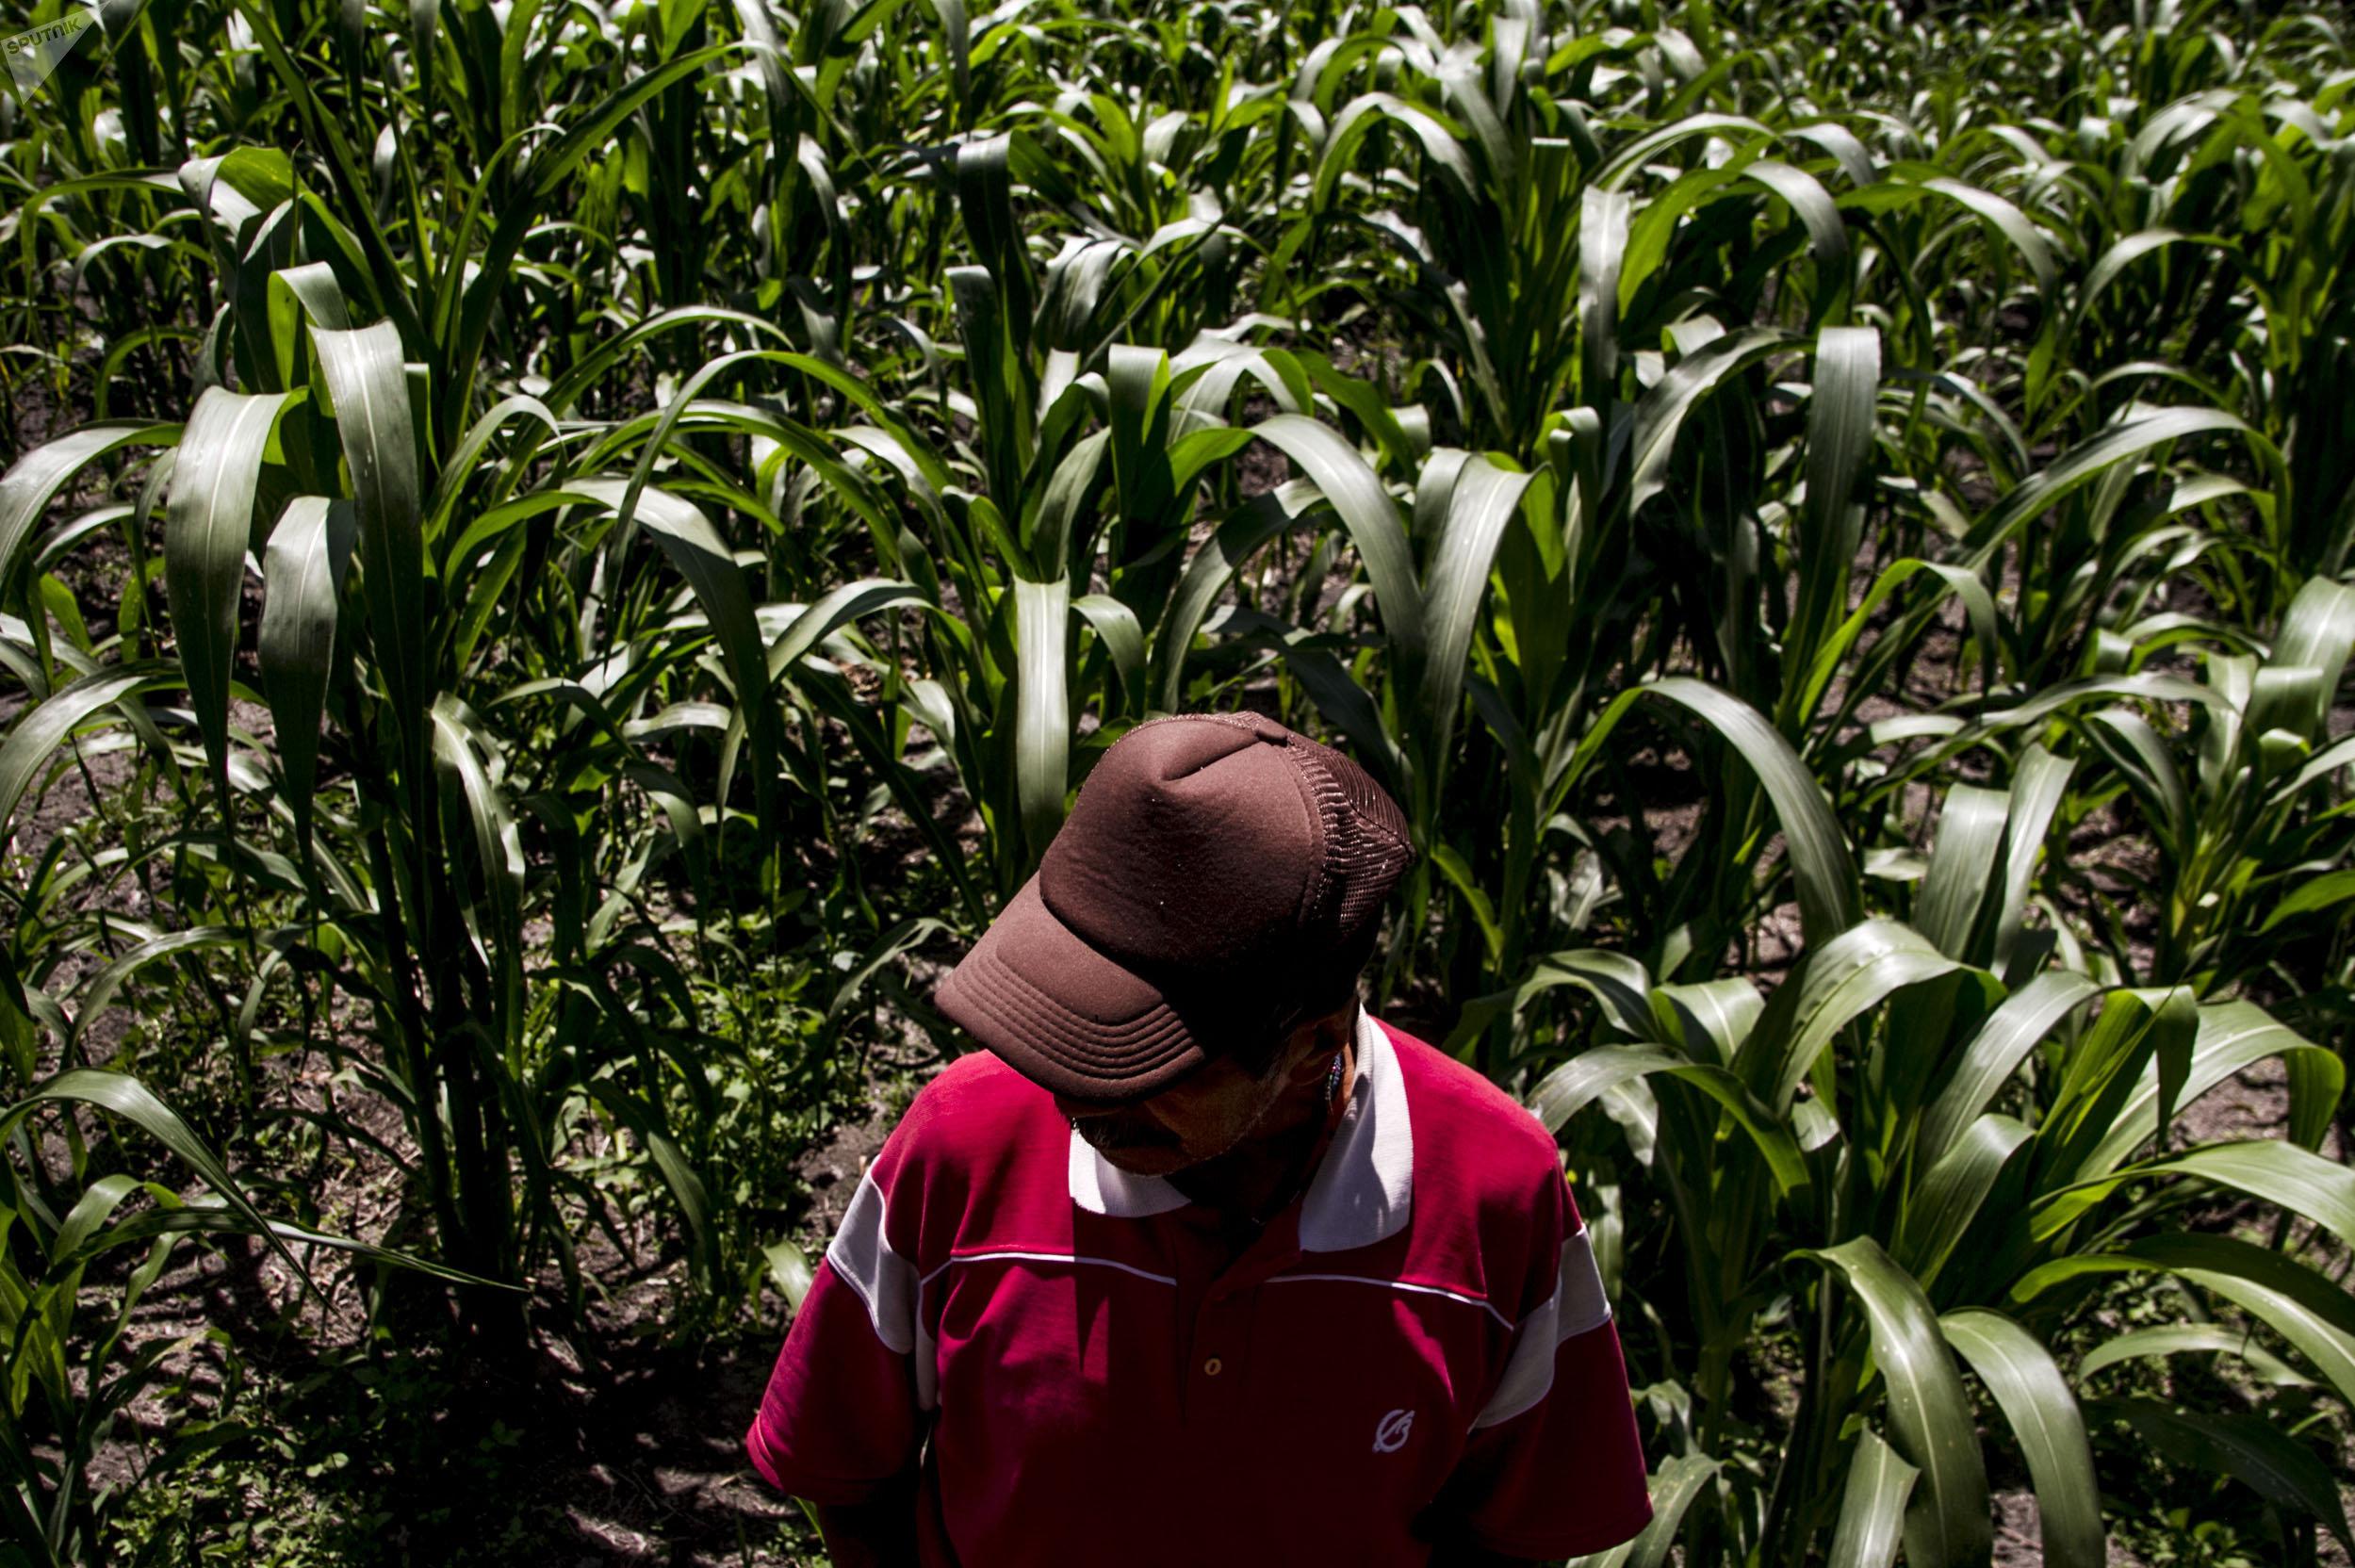 Dionisio, campesino de Xochimilco, muestra los cultivos de maíz en la chinampa